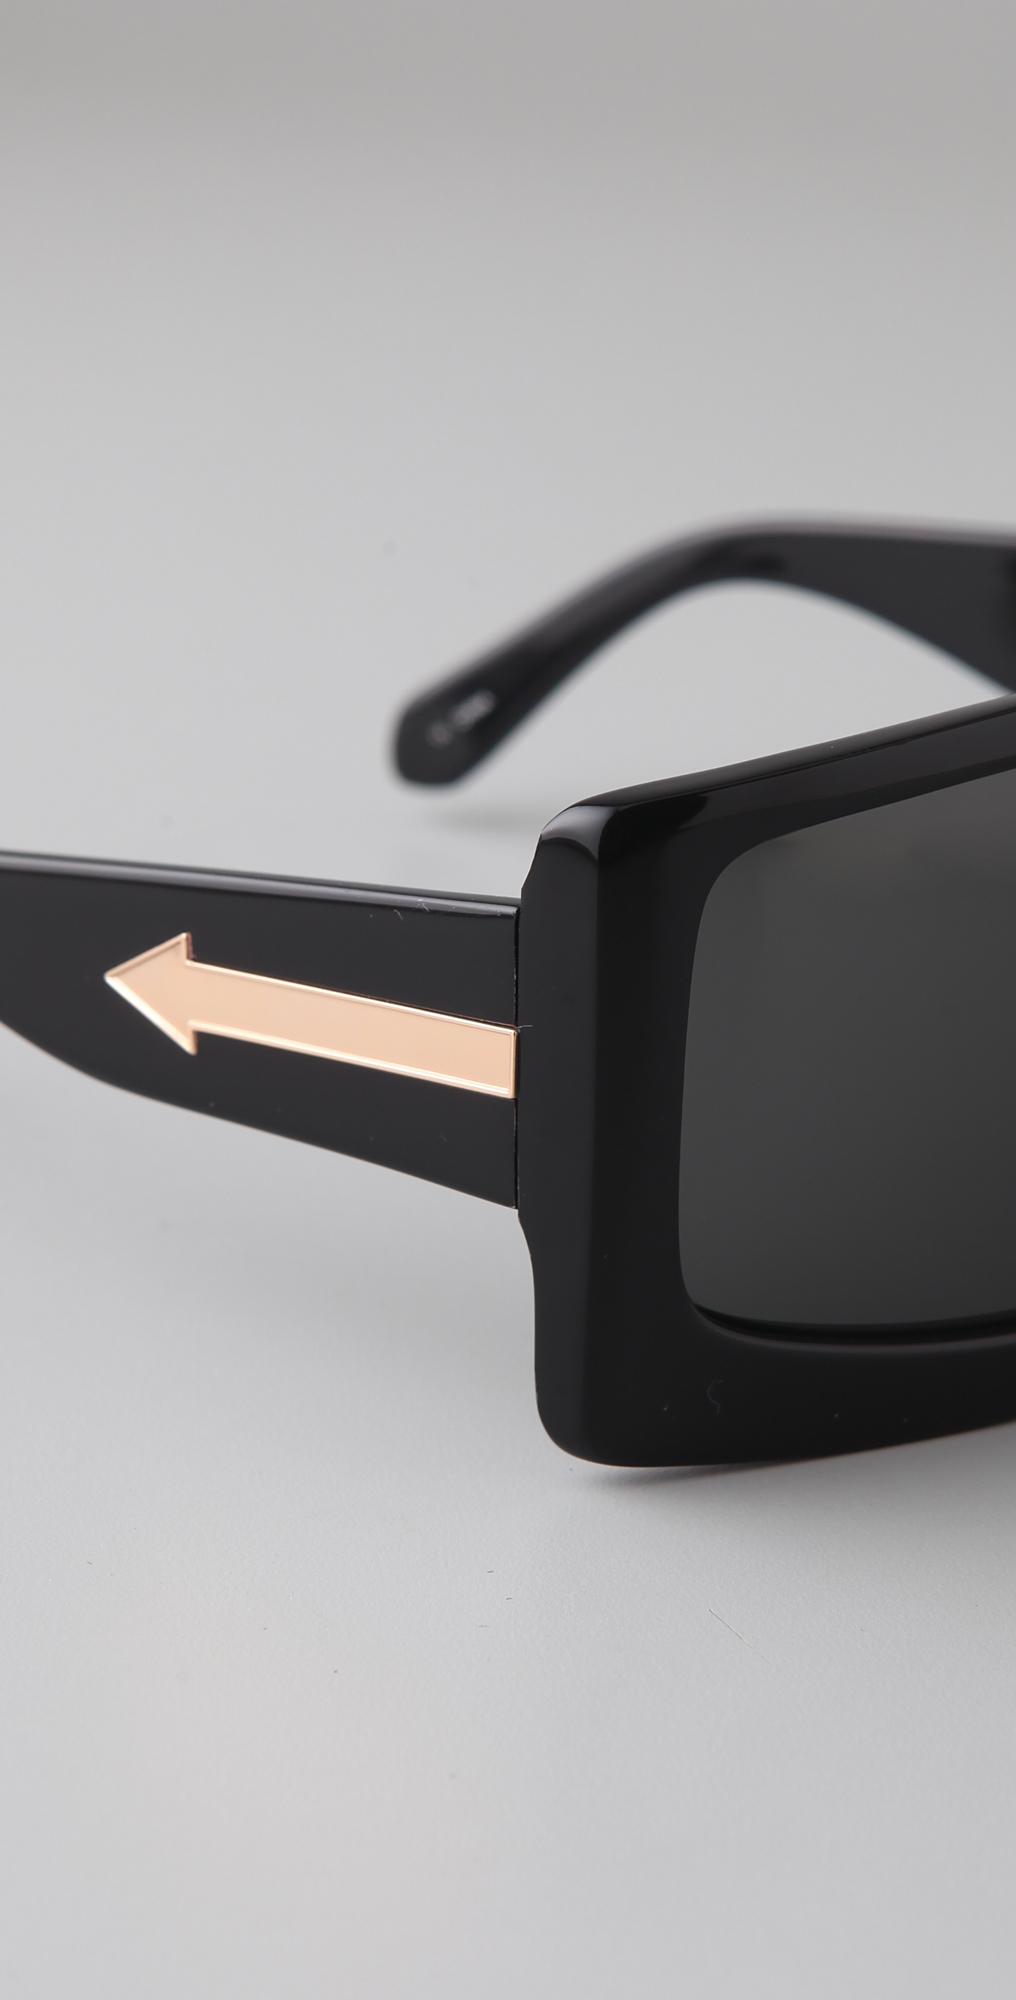 ff9a74a4a1e6 Karen Walker The Butler Sunglasses